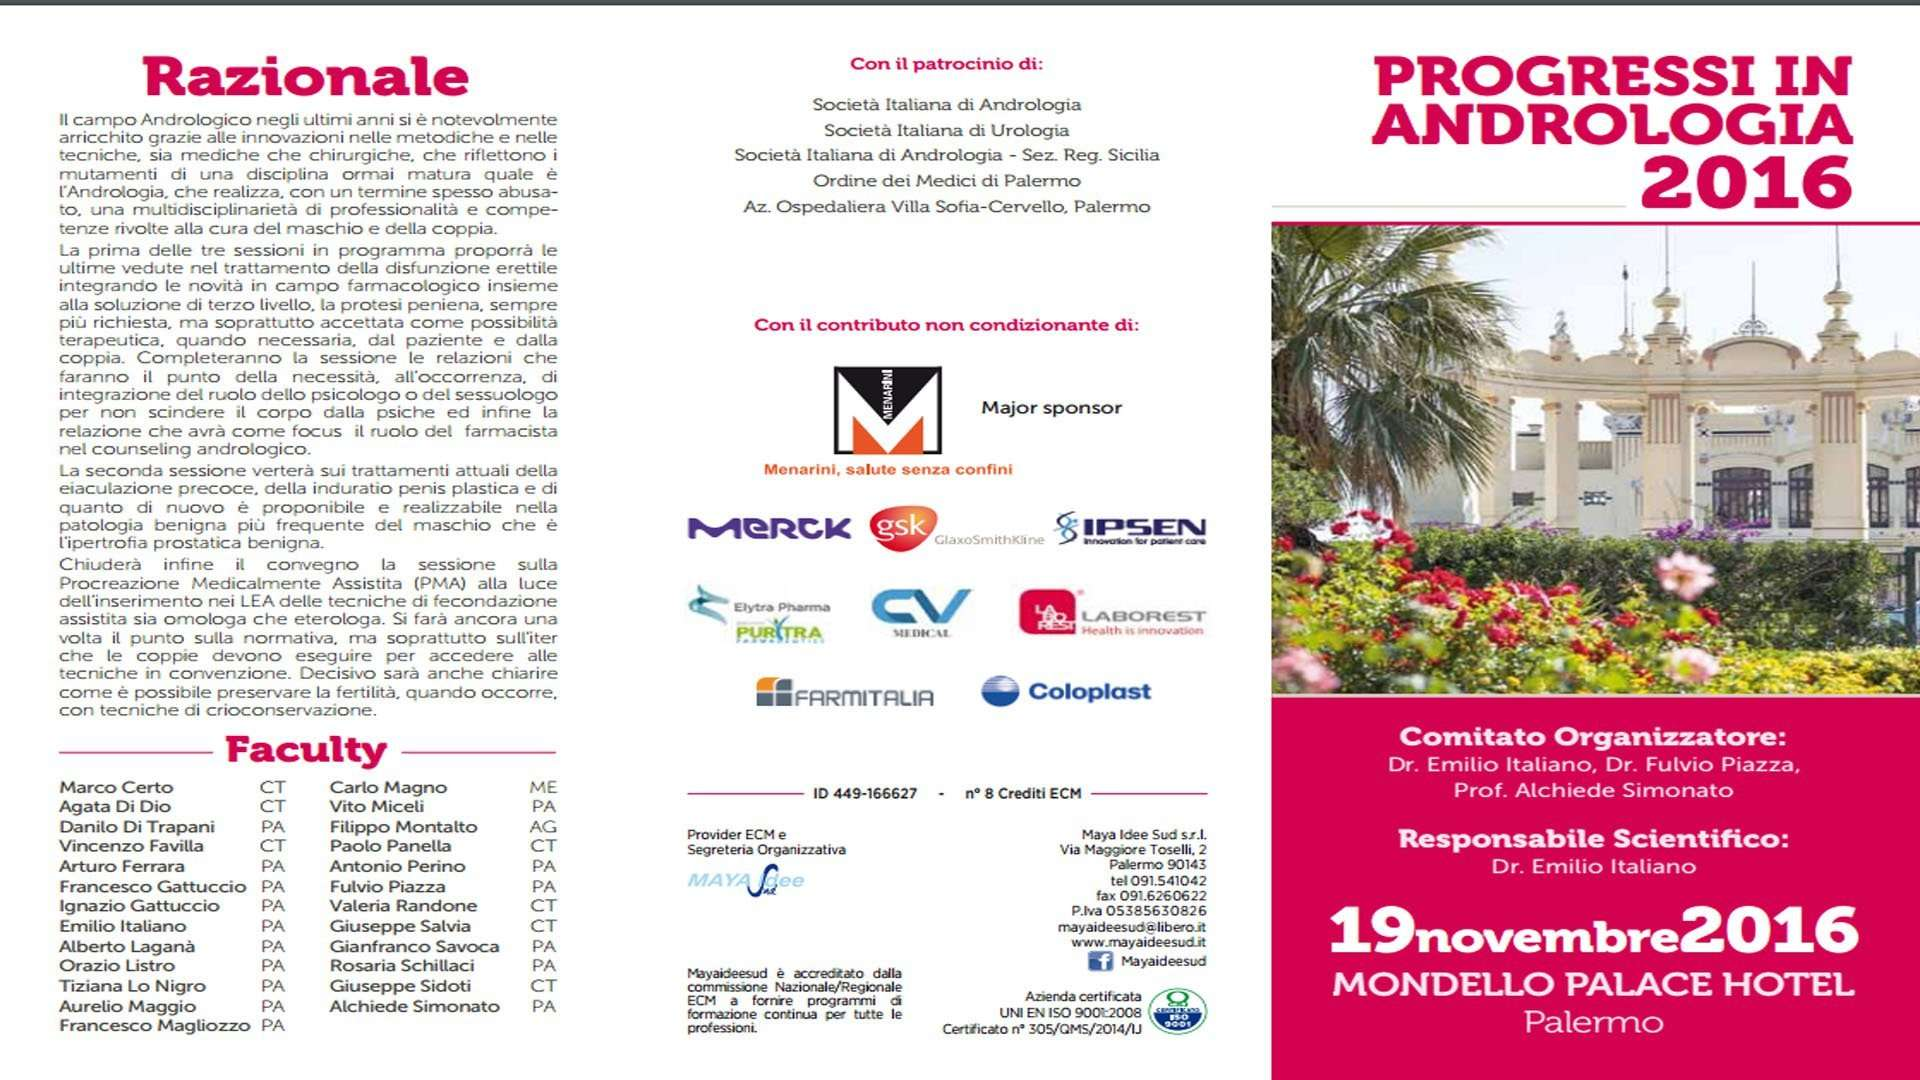 Convegno ANDROLOGIA 2016 Palermo 19 novembre